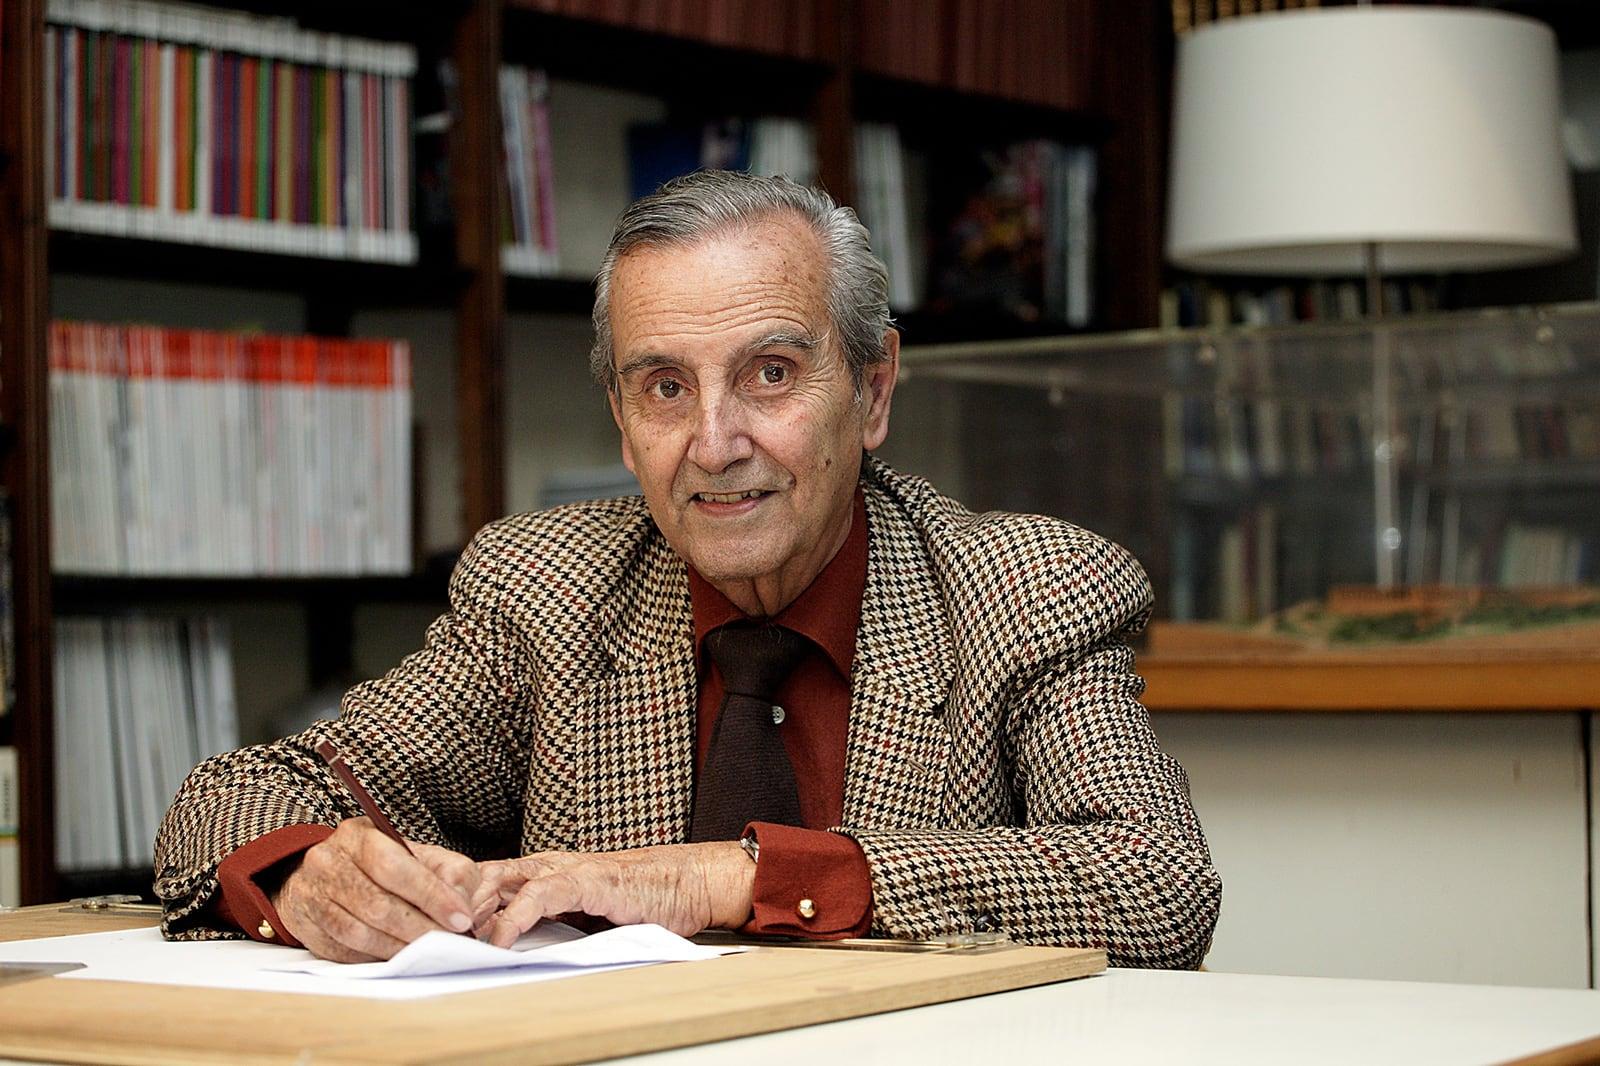 Federico Correa fotografiat per Christian en una imatge cedida per l'Arxiu Històric del COAC.